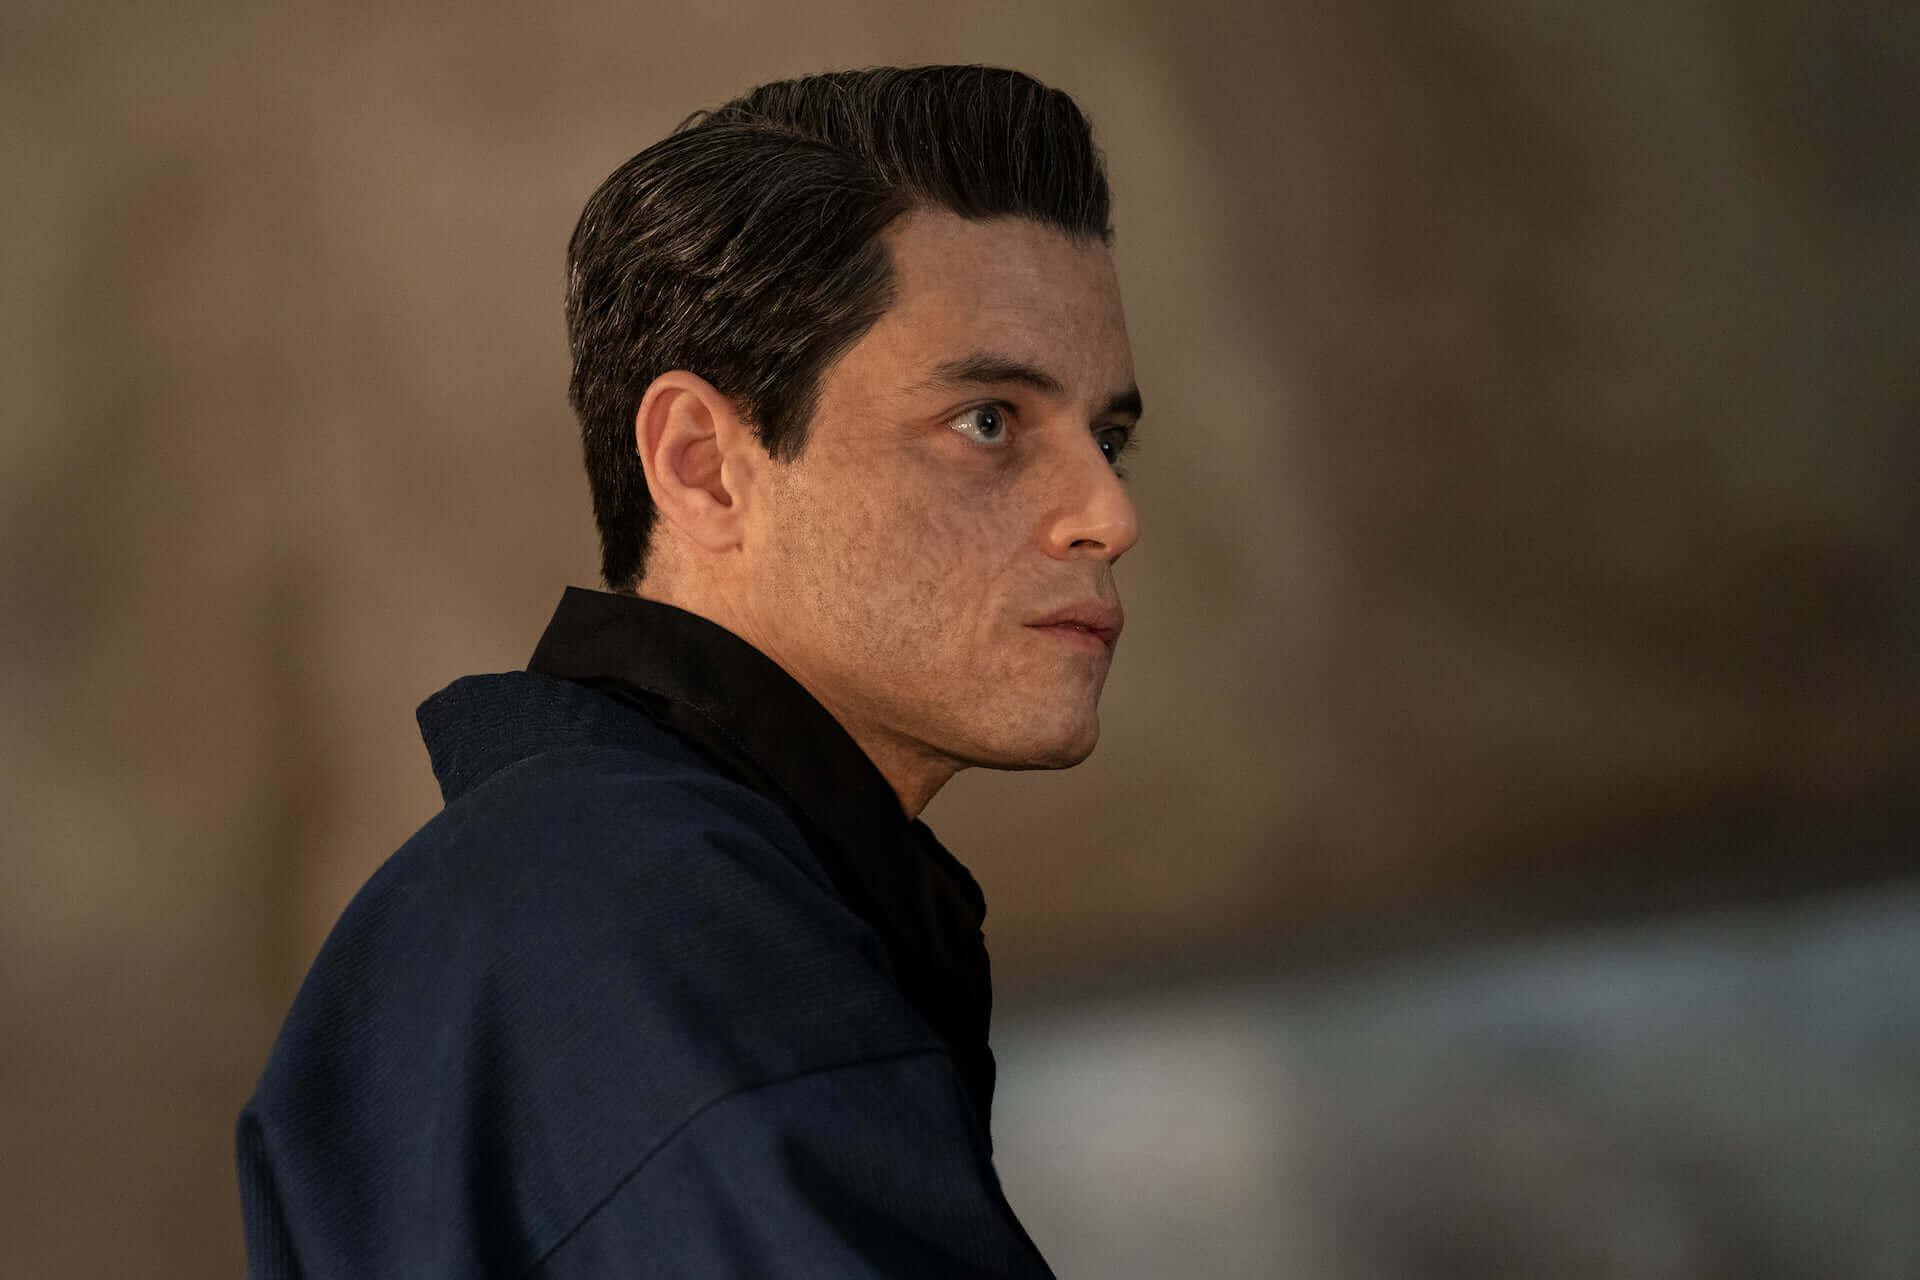 『007/ノー・タイム・トゥ・ダイ』公開前にシリーズを振り返る!ダニエルボンドのストーリーを辿る特別映像解禁 film210917_007_ntd_1